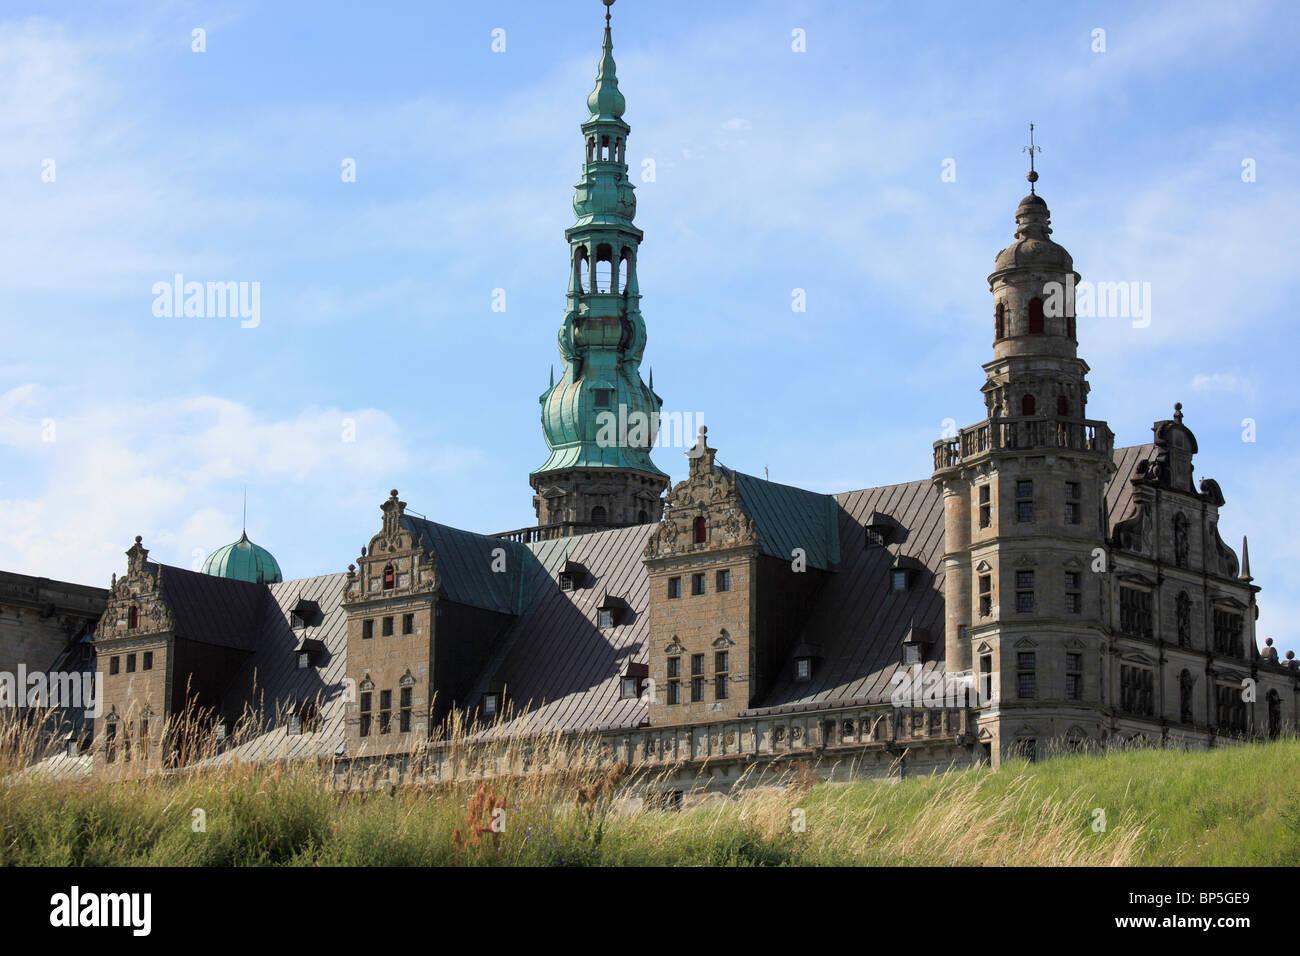 Denmark, Zealand, Helsingor, Kronborg Castle, Stock Photo